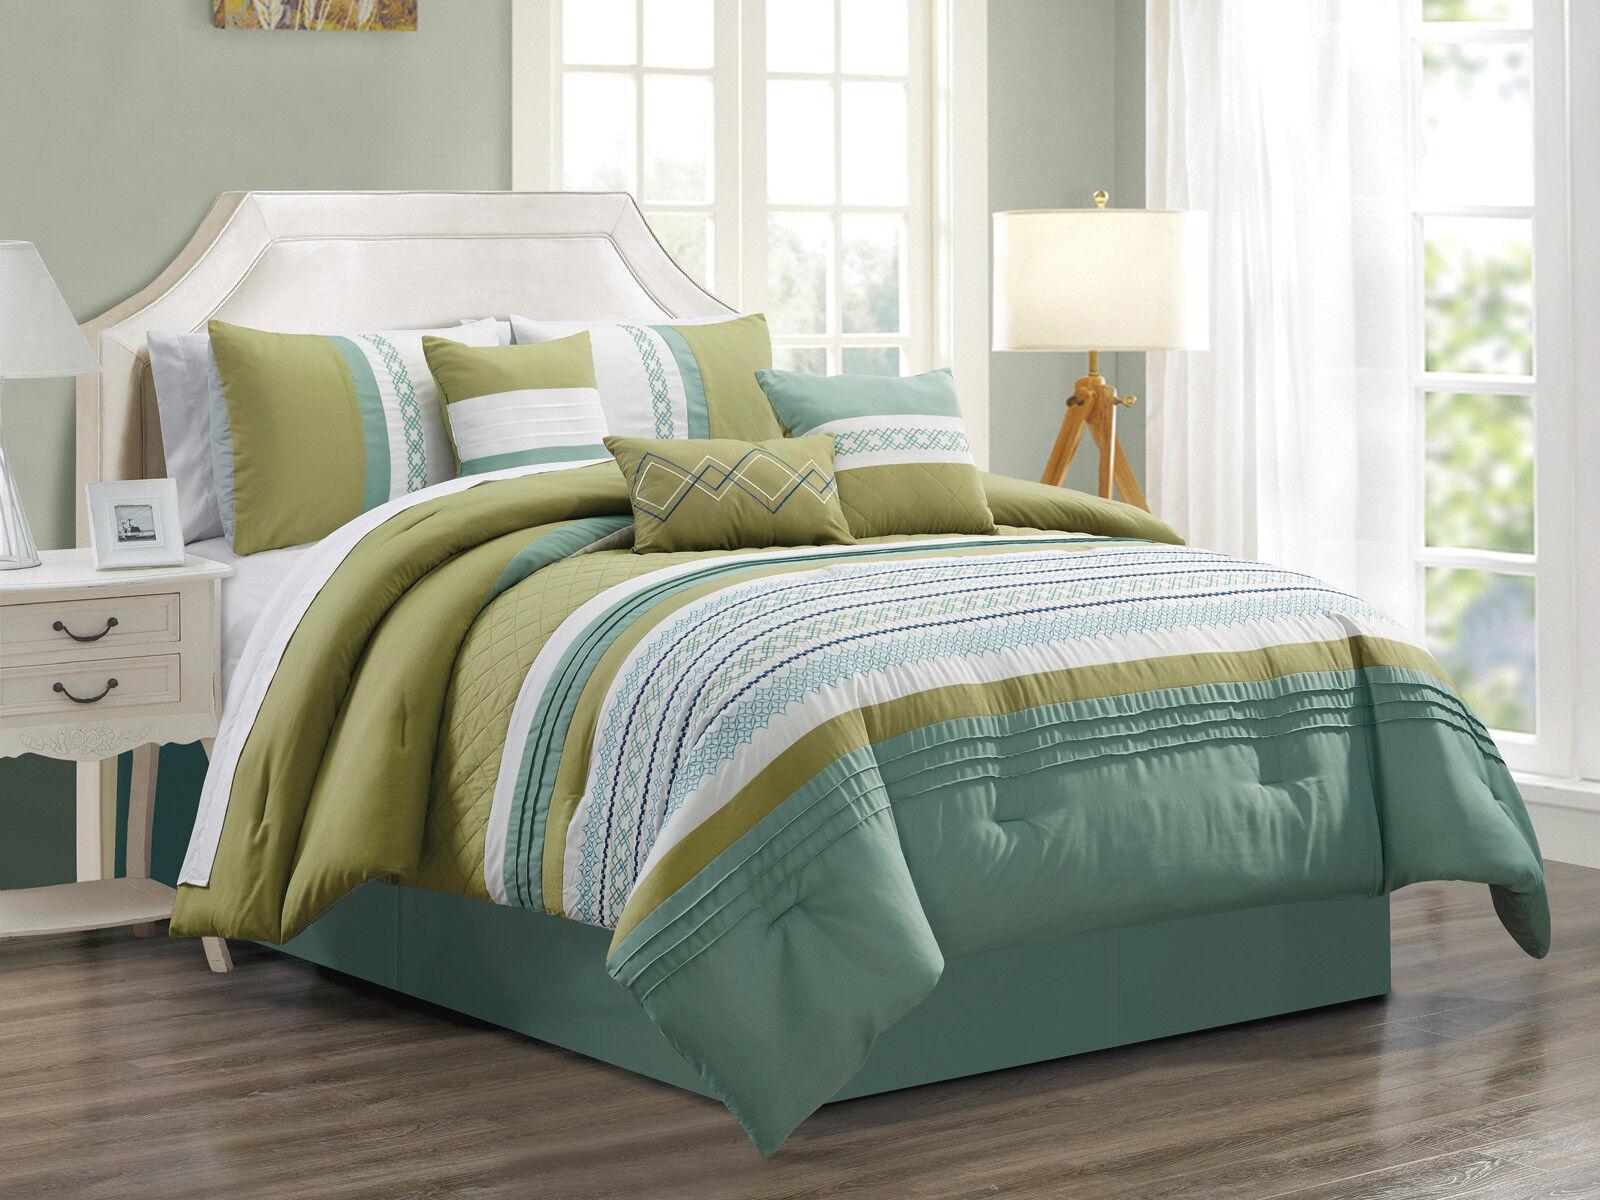 7-Pc Alexis Star Diamond Geometric Comforter Set Sea Green Sage White bluee King